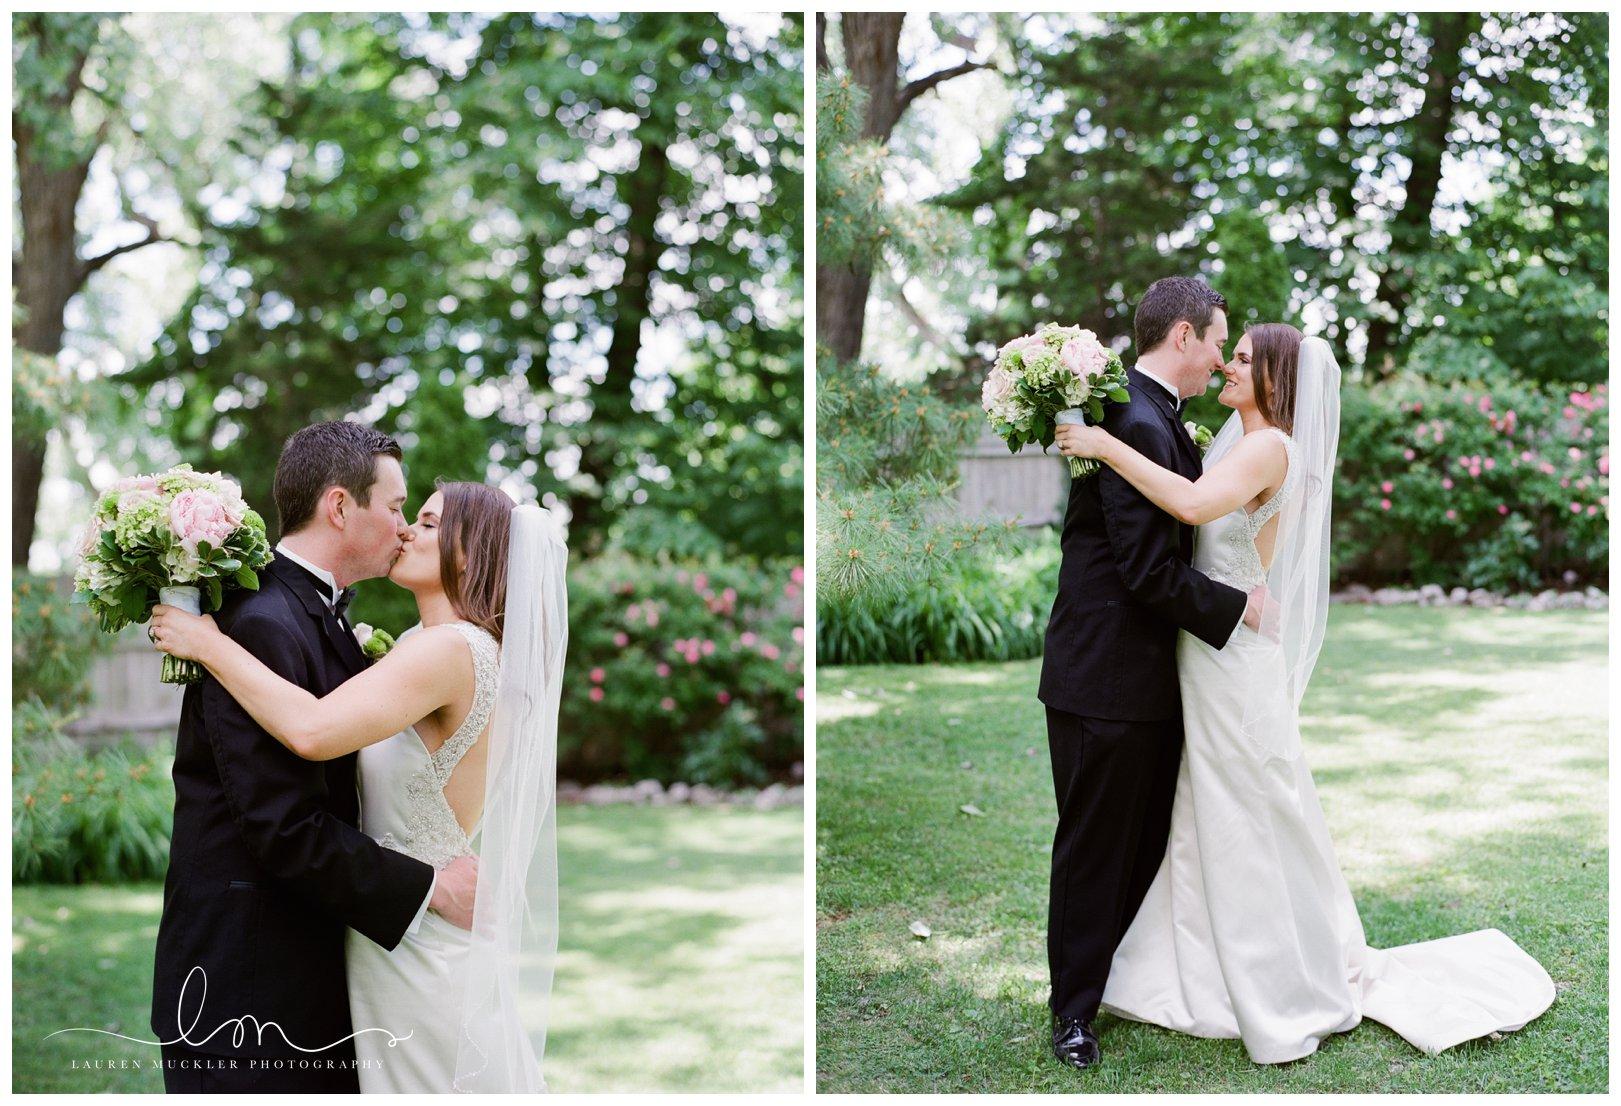 lauren muckler photography_fine art film wedding photography_st louis_photography_0219.jpg